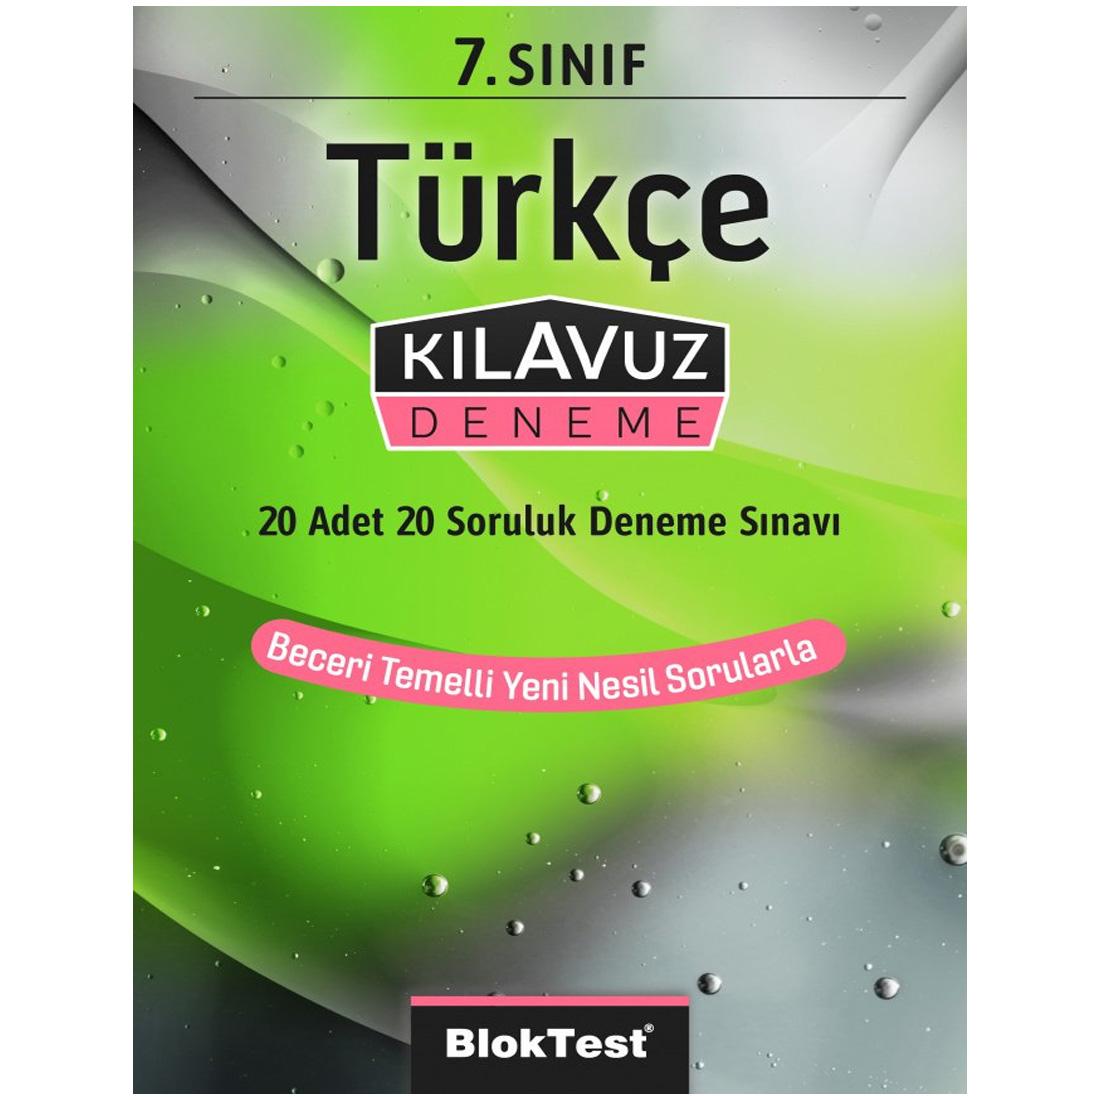 7.Sınıf Bloktest Türkçe Kılavuz Deneme